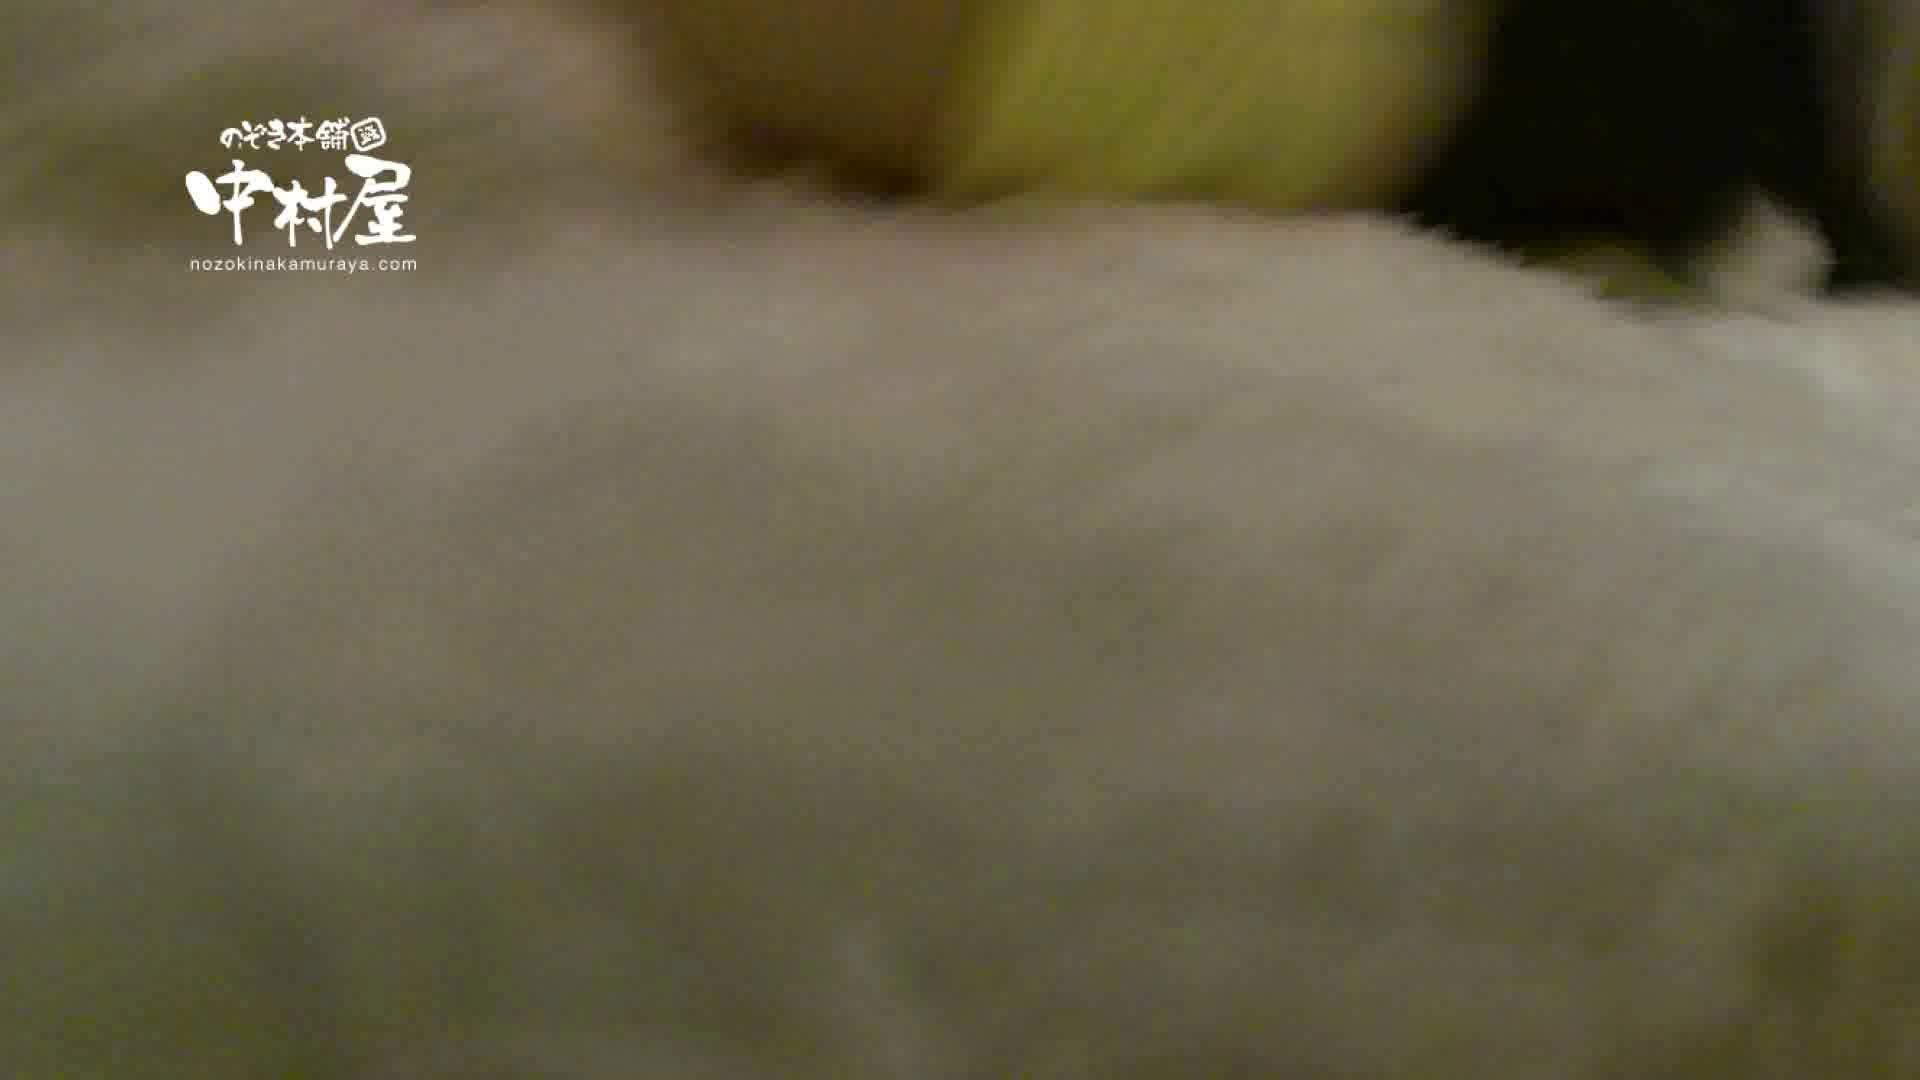 鬼畜 vol.17 中に出さないでください(アニメ声で懇願) 前編 美しいOLの裸体 | 鬼畜  104pic 55